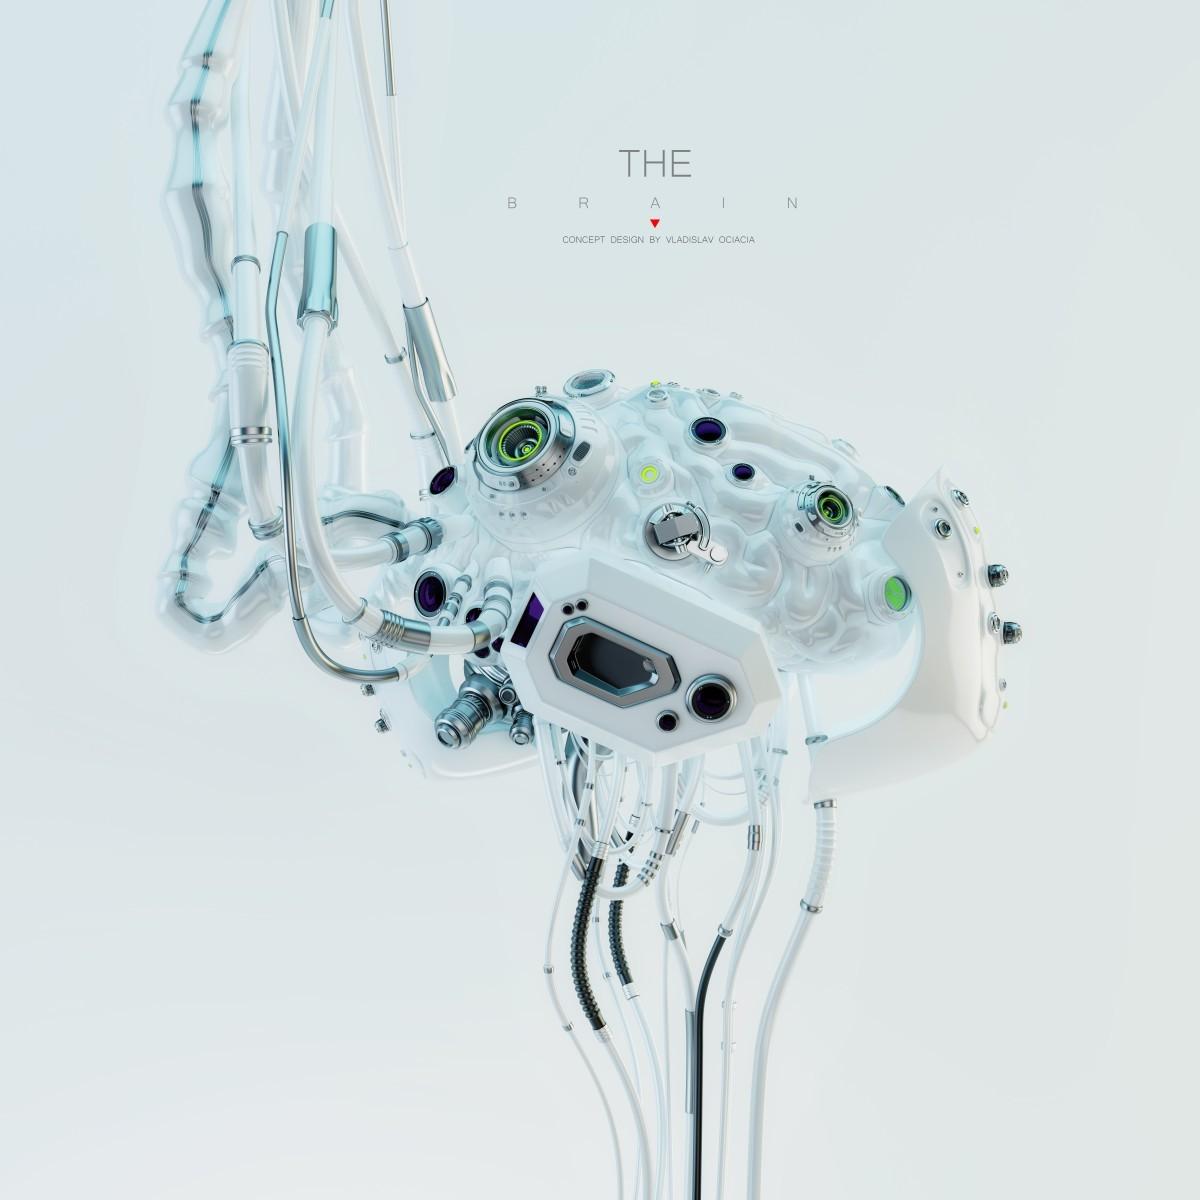 Vladislav ociacia robotic brain 13